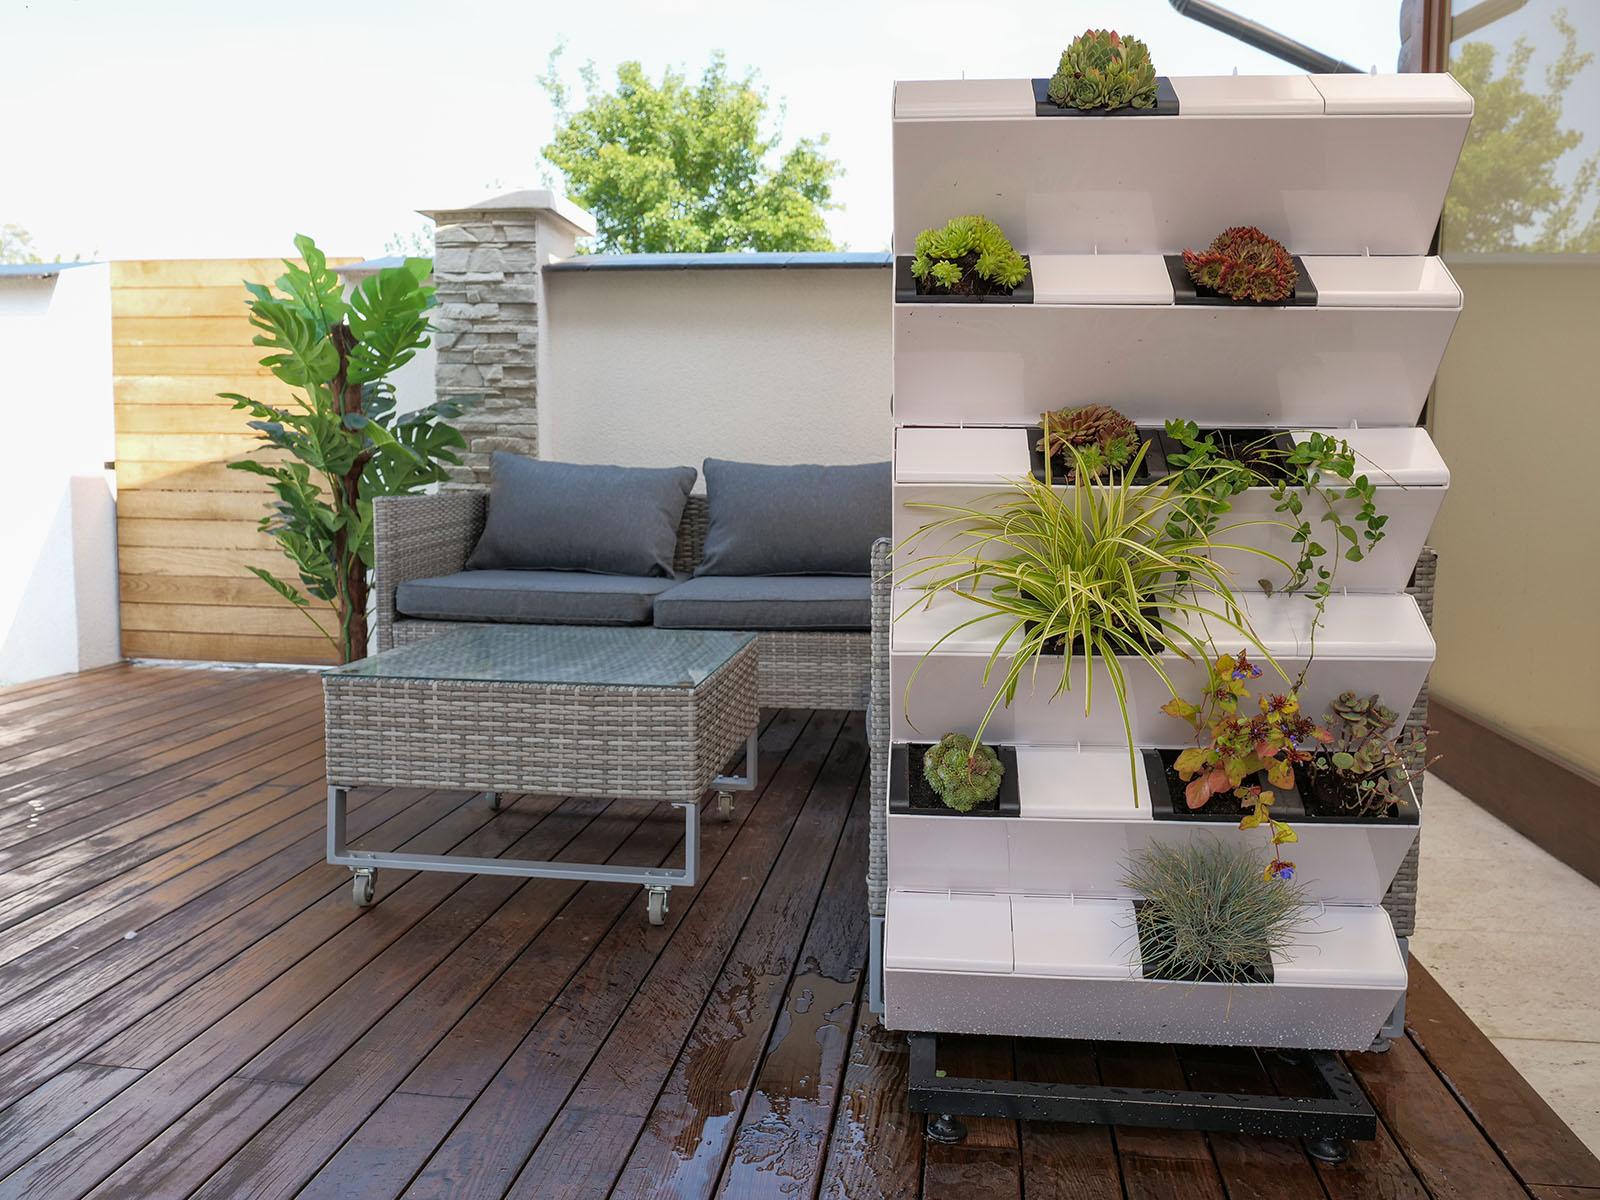 Pozsgások, virágzó lágyszárúak és zöldellő növények is beültethetőek a mobil zöldfalba!